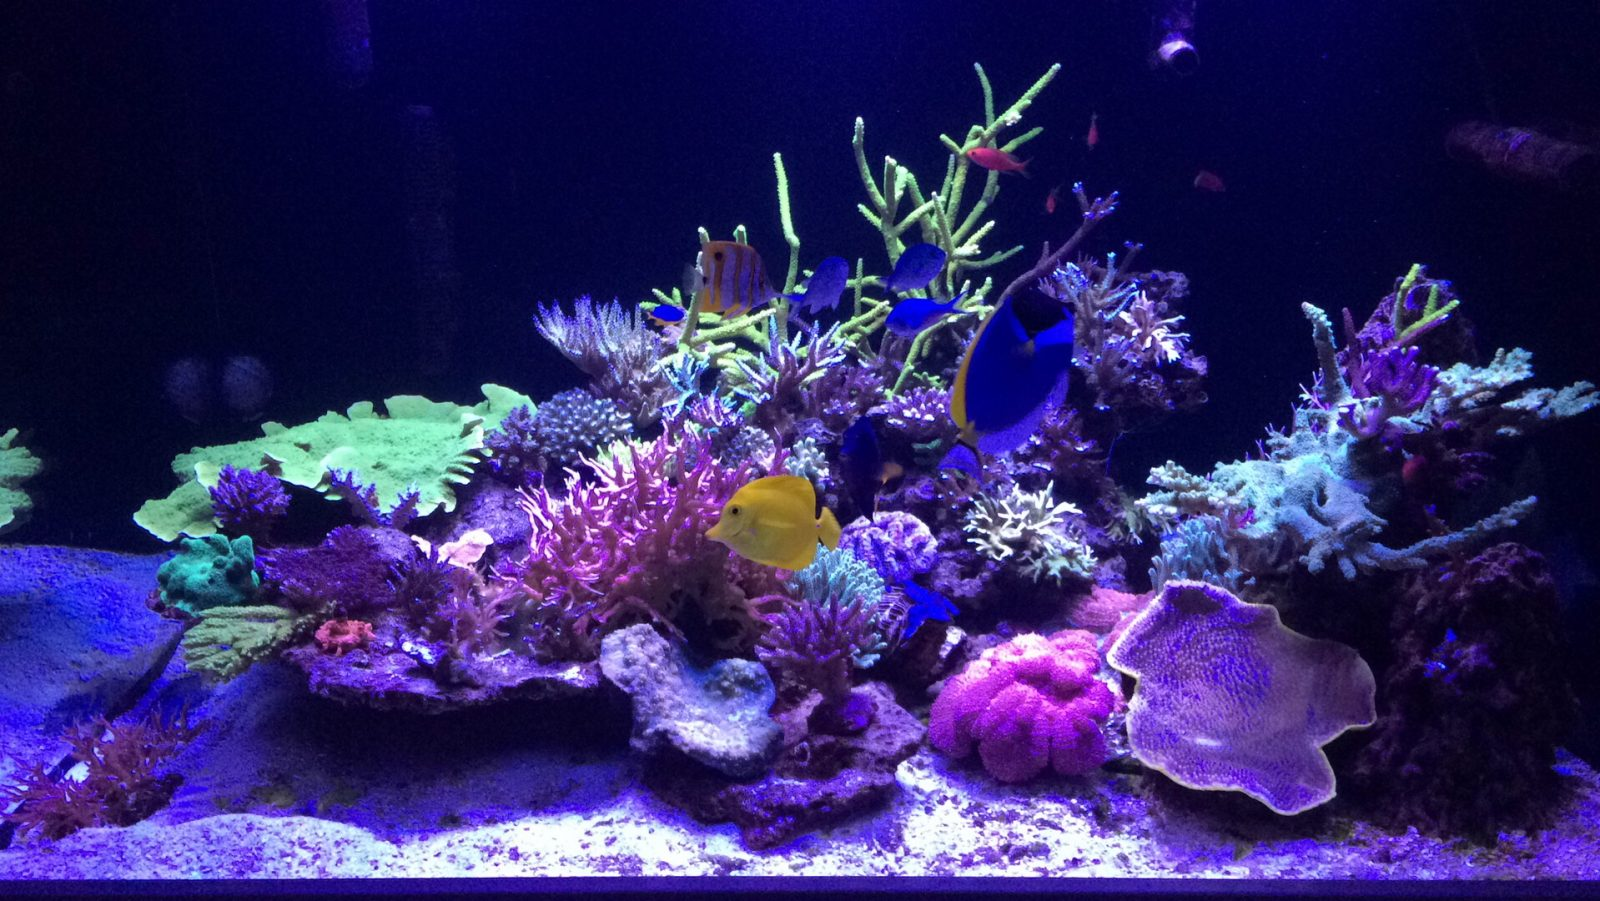 fantastisk koral pop bedste belysning